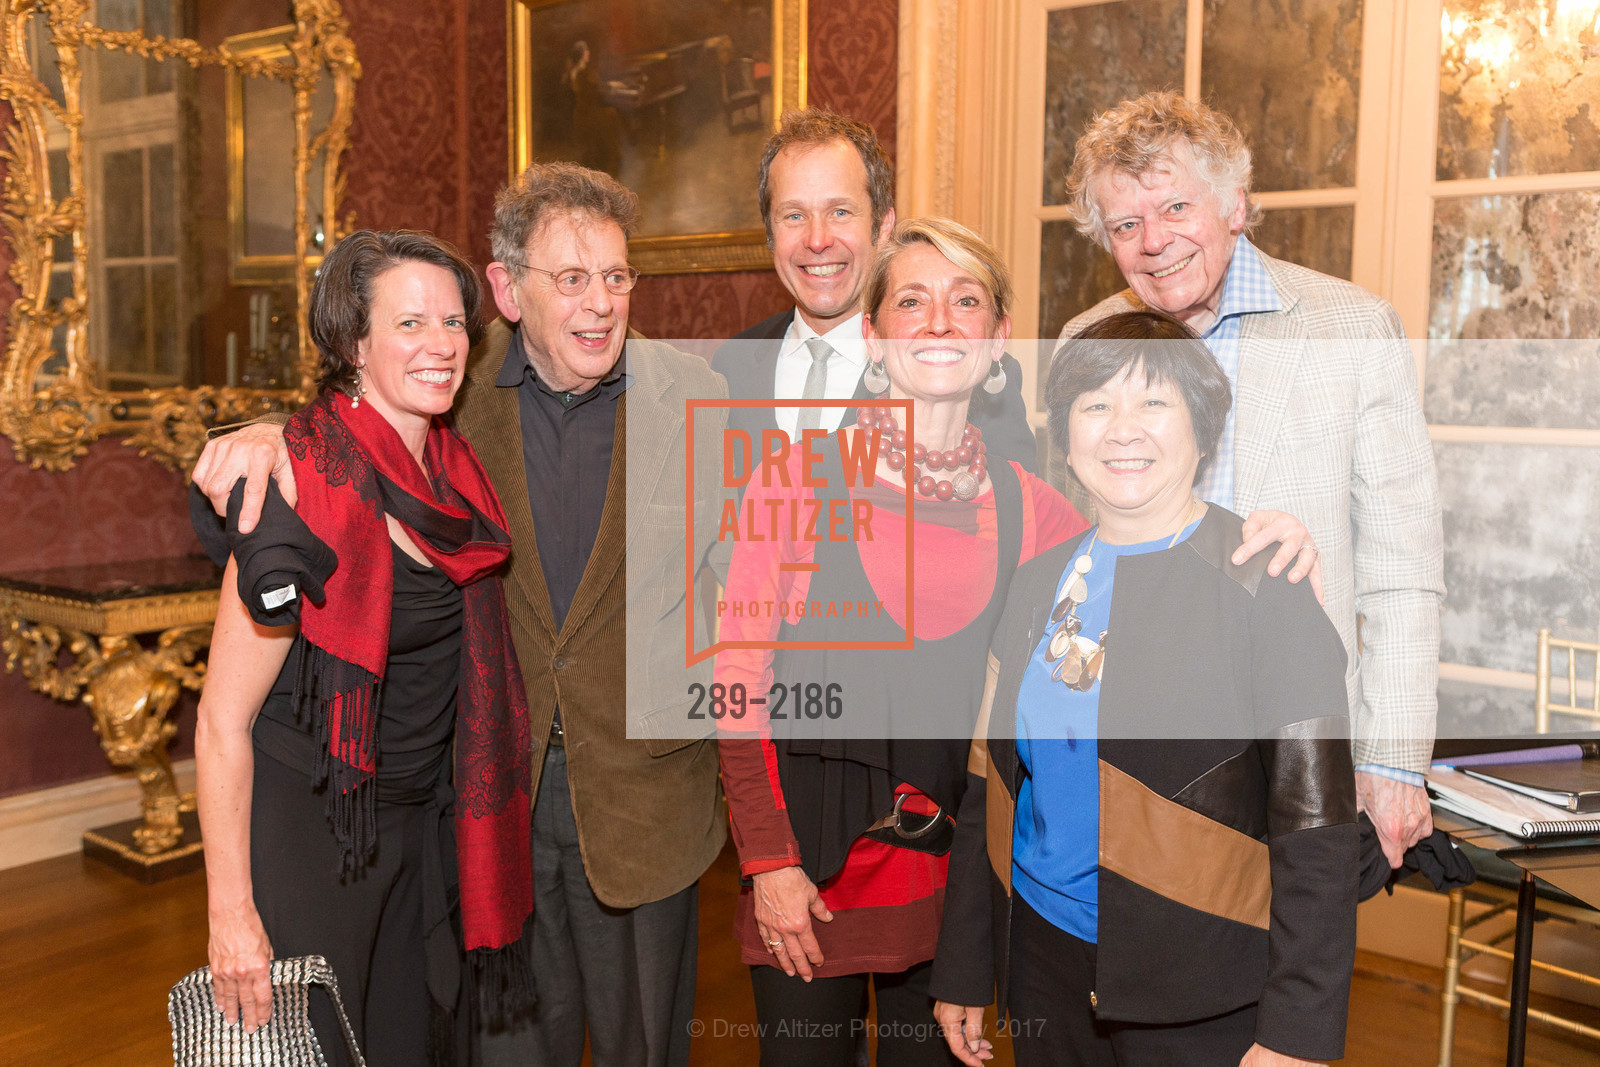 Amy Seiwert, Philip Glass, Brian Staufenbiel, Nicole Paiement, Gordon Getty, Debbie Chinn, Photo #289-2186